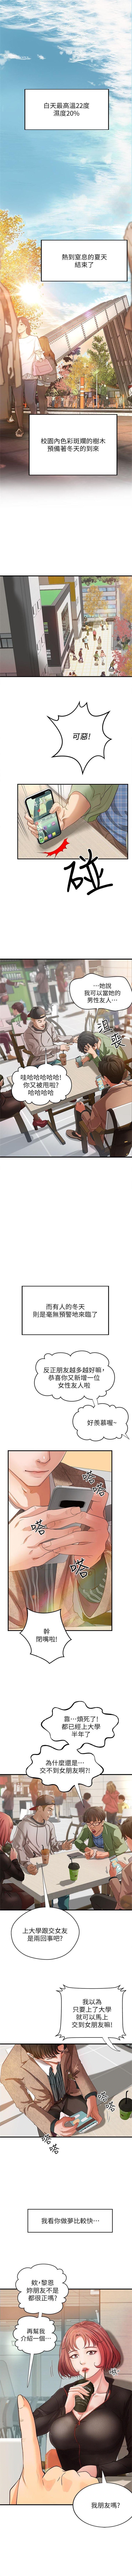 (週1)御姐的實戰教學 1-15 中文翻譯(更新中) 1